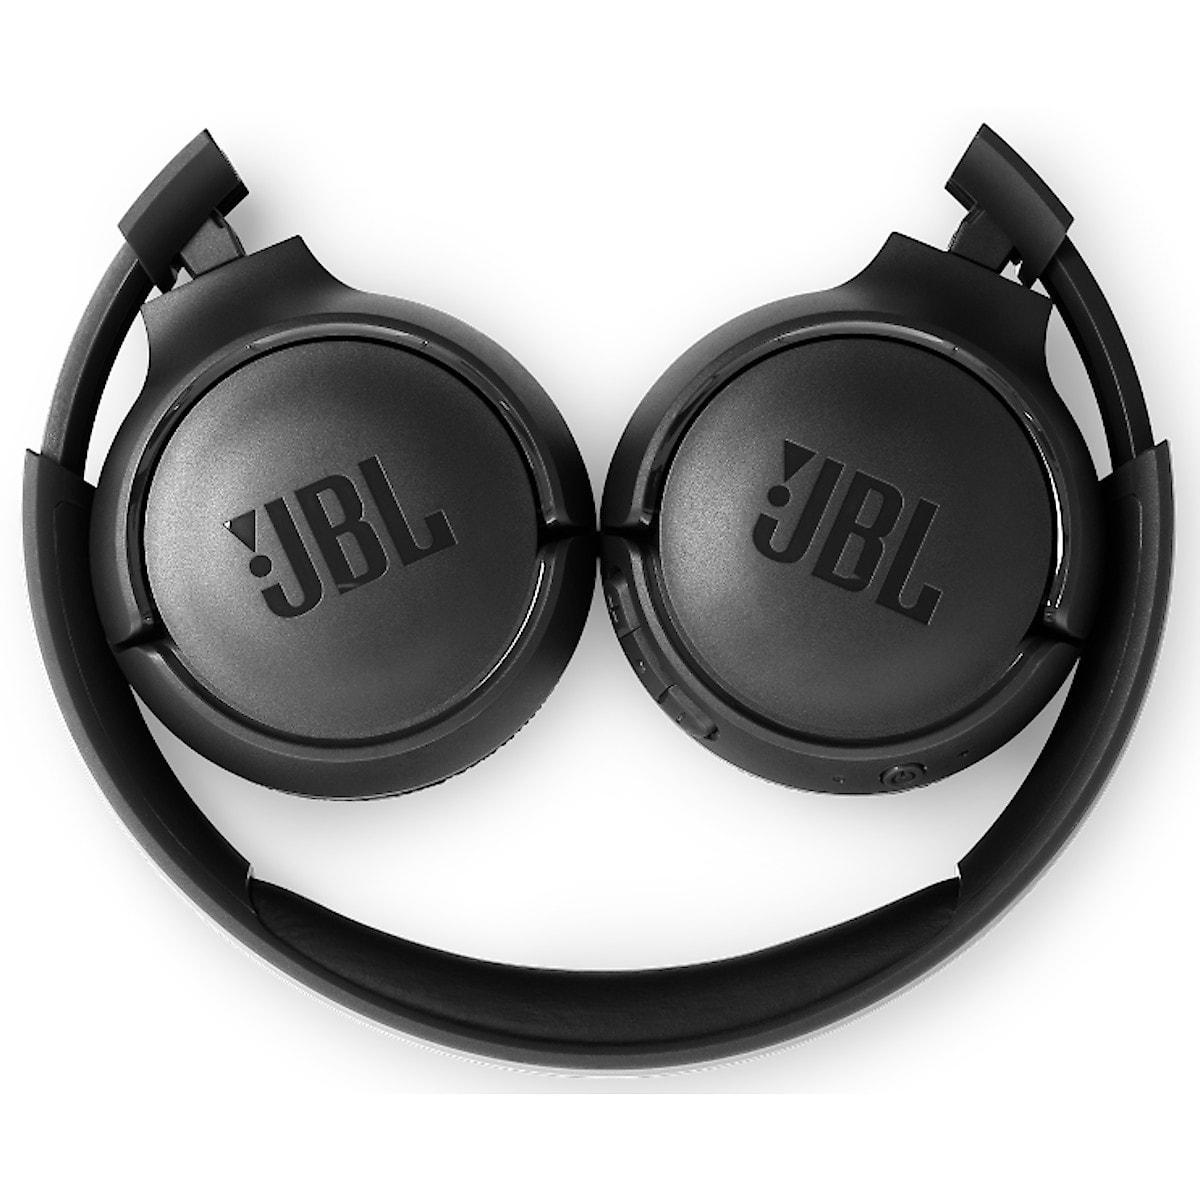 Trådlösa hörlurar med mikrofon, JBL Tune 500BT